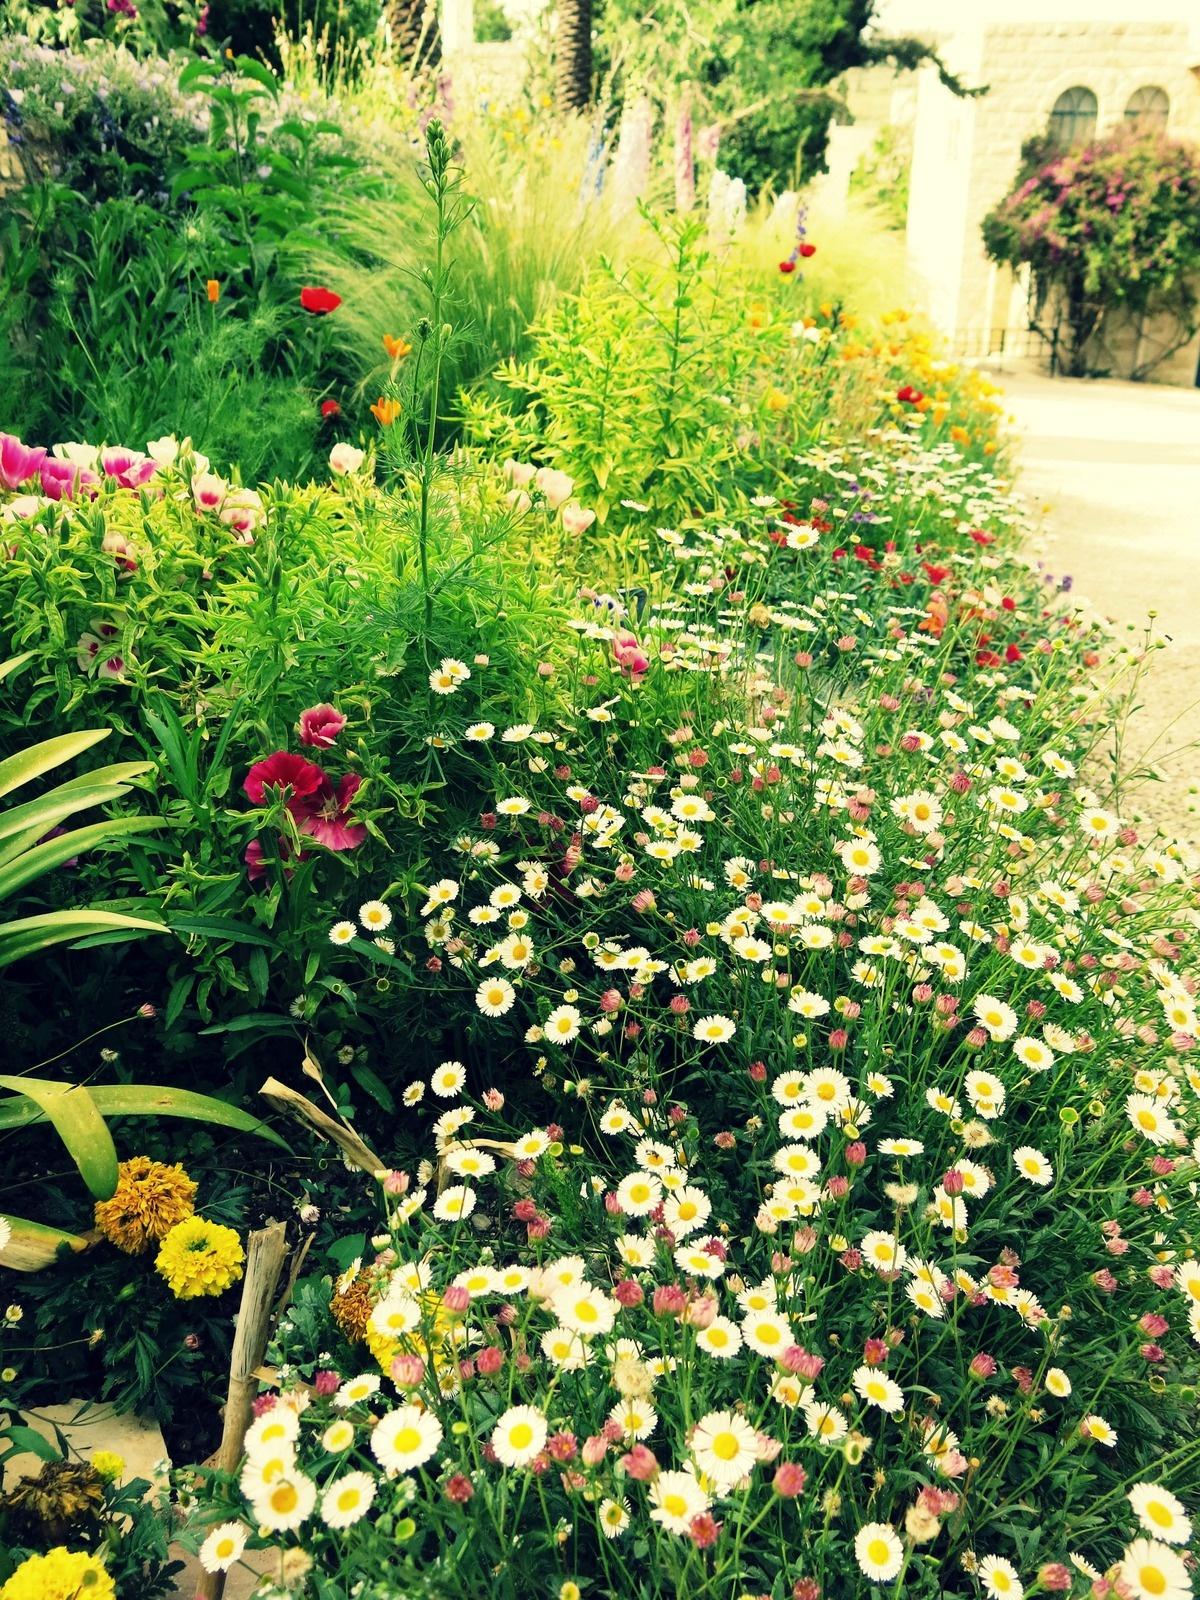 terre sainte en israel Faune et flore Comme une oasis de fleurs